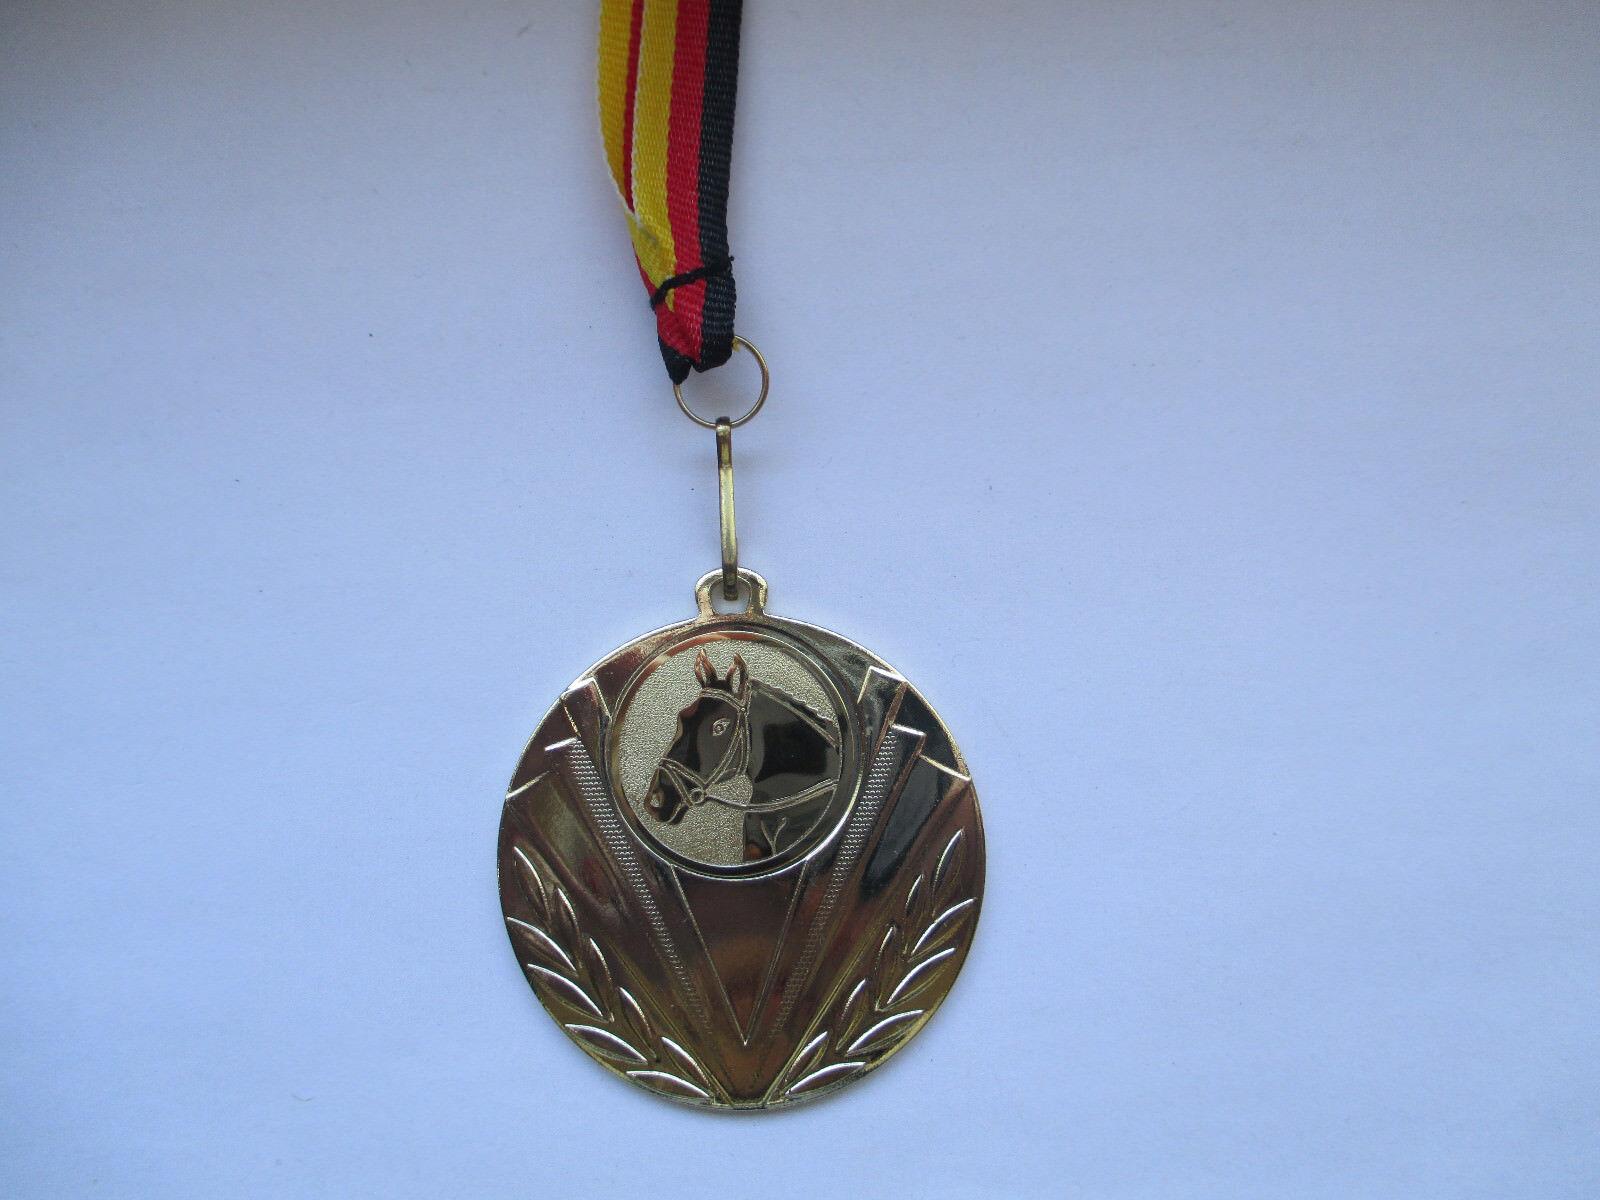 Reiten Reitsport Pokal Kids 50 x Medaillen Deutschland-Bändern Turnier Springen